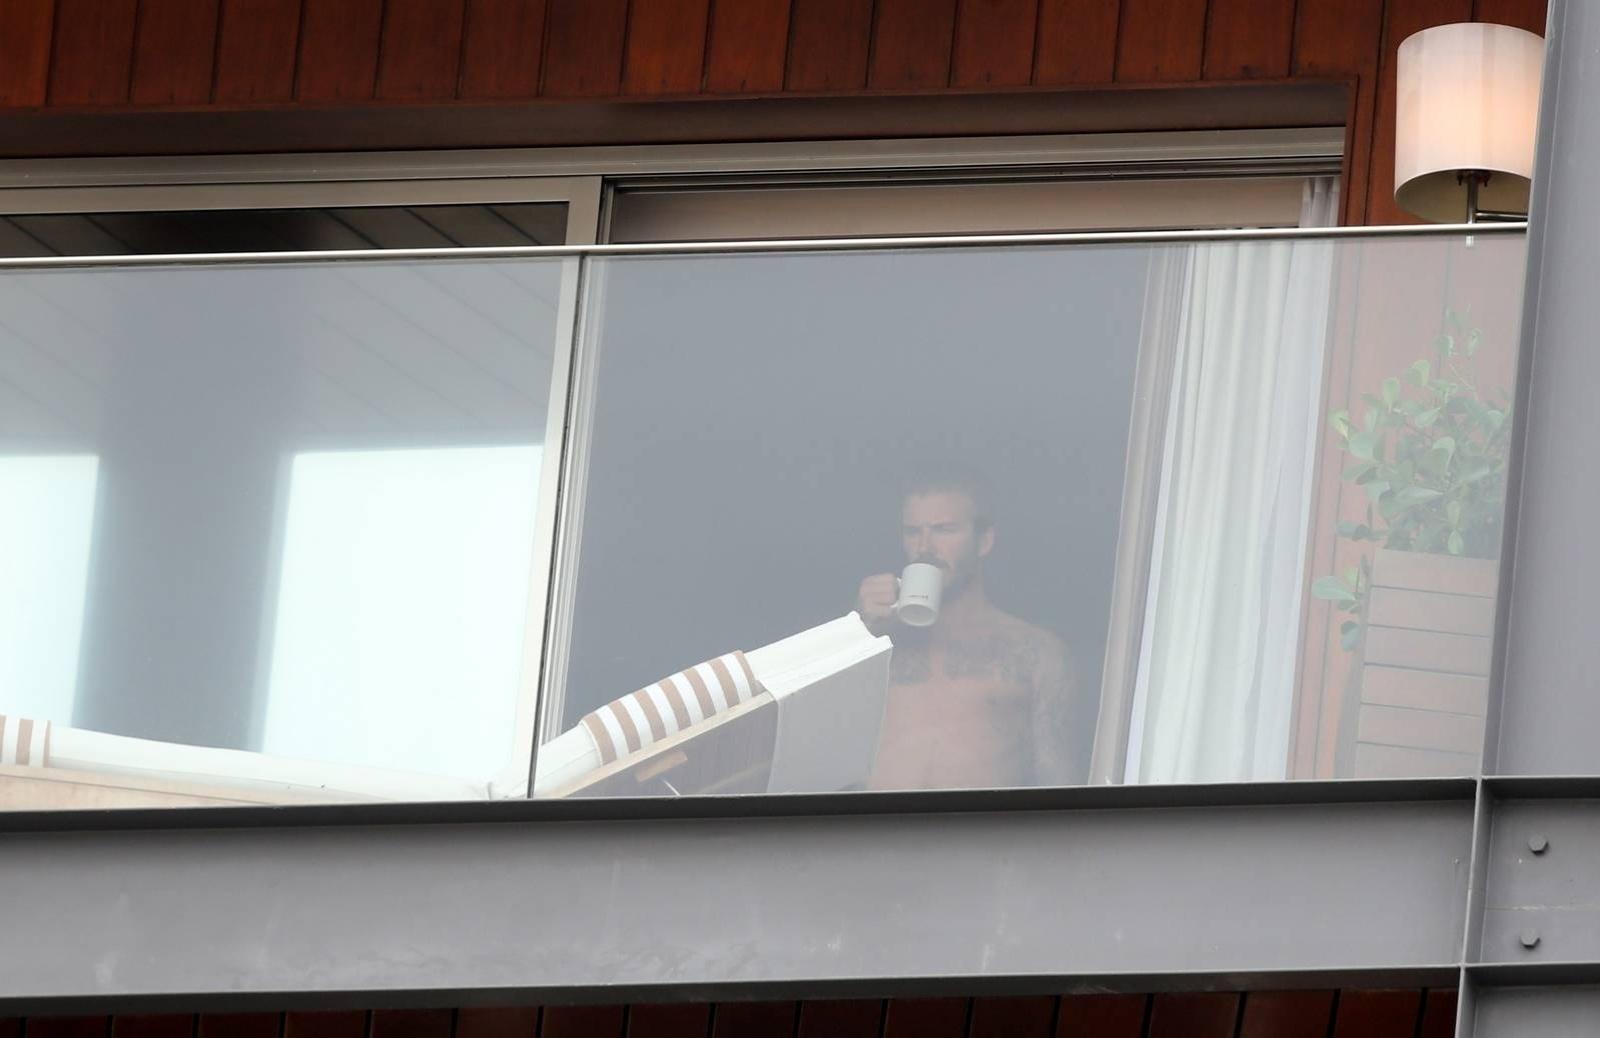 6.mar.2014 - No Brasil para assistir aos desfiles das escolas campeãs do Rio de Janeiro, o jogador de futebol David Beckham é flagrado sem camisa e com uma xícara nas mãos, na sacada do hotel onde está hospedado, na zona sul da cidade